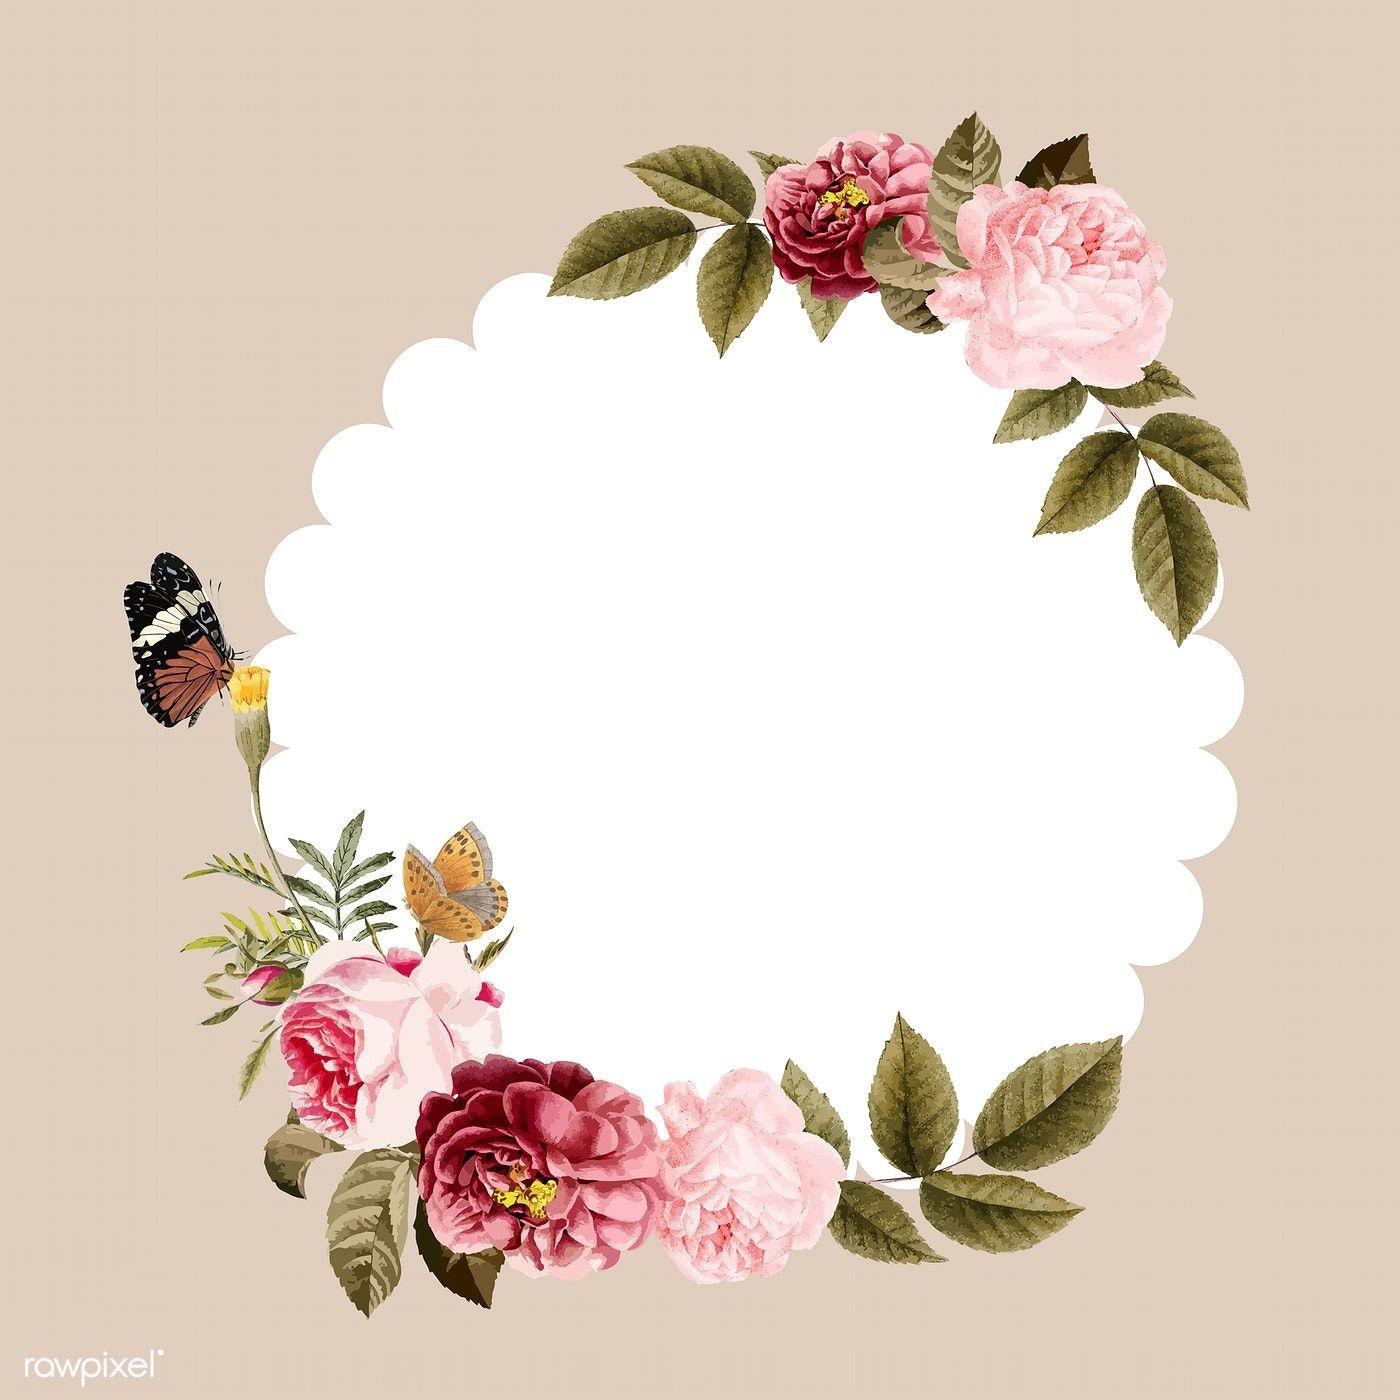 Download Premium Vector Of Blank Floral Frame Card Illustration 471747 Flower Illustration Card Illustration Frame Card